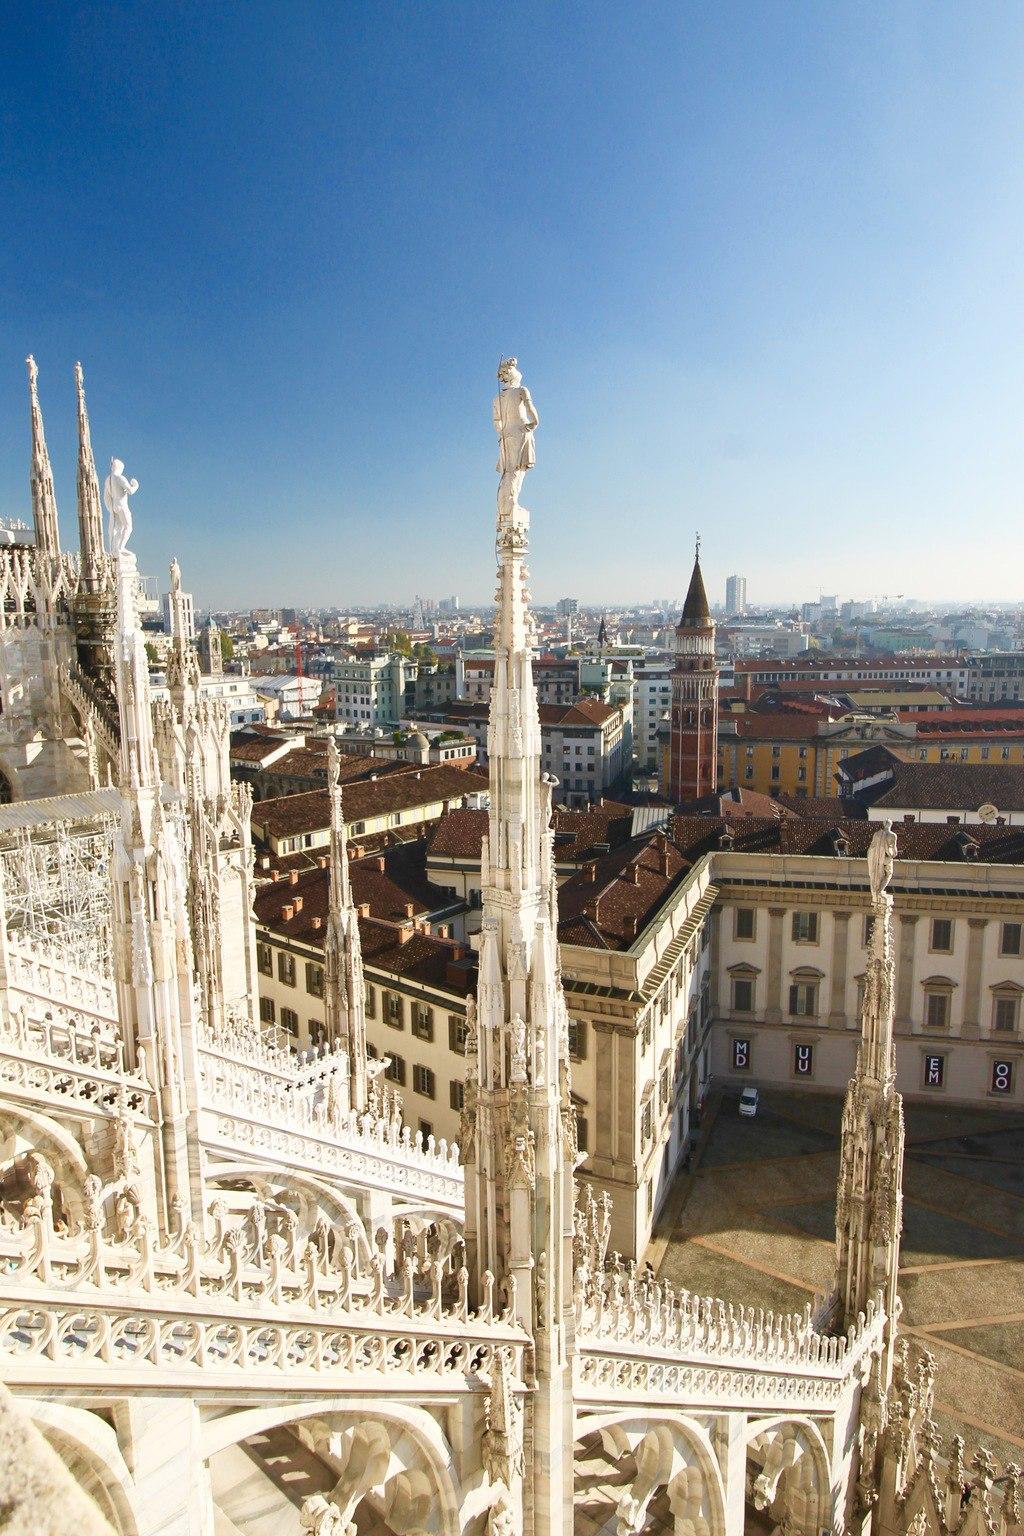 Duomo Spires Milan Italy